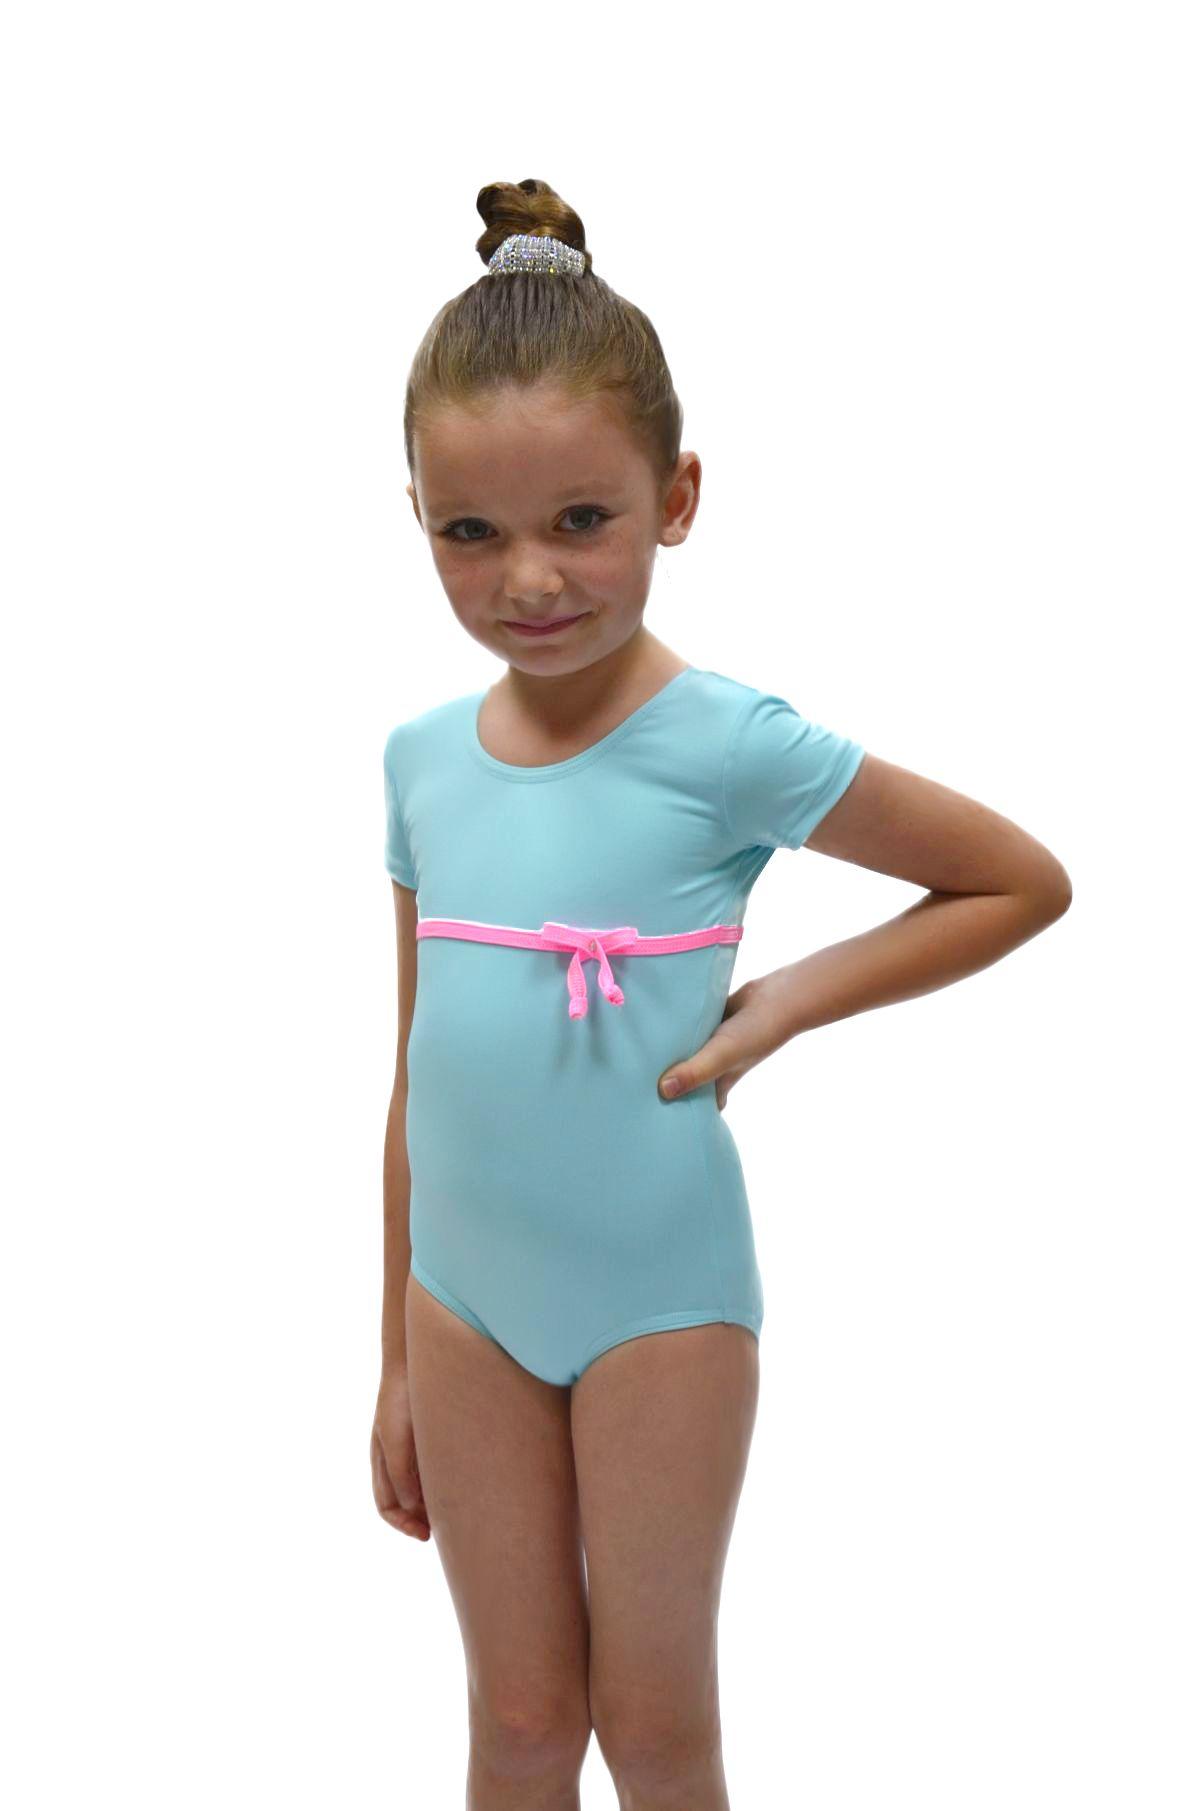 2d4089d125c99 Gymnastické tréningové dresy - LOOK sport